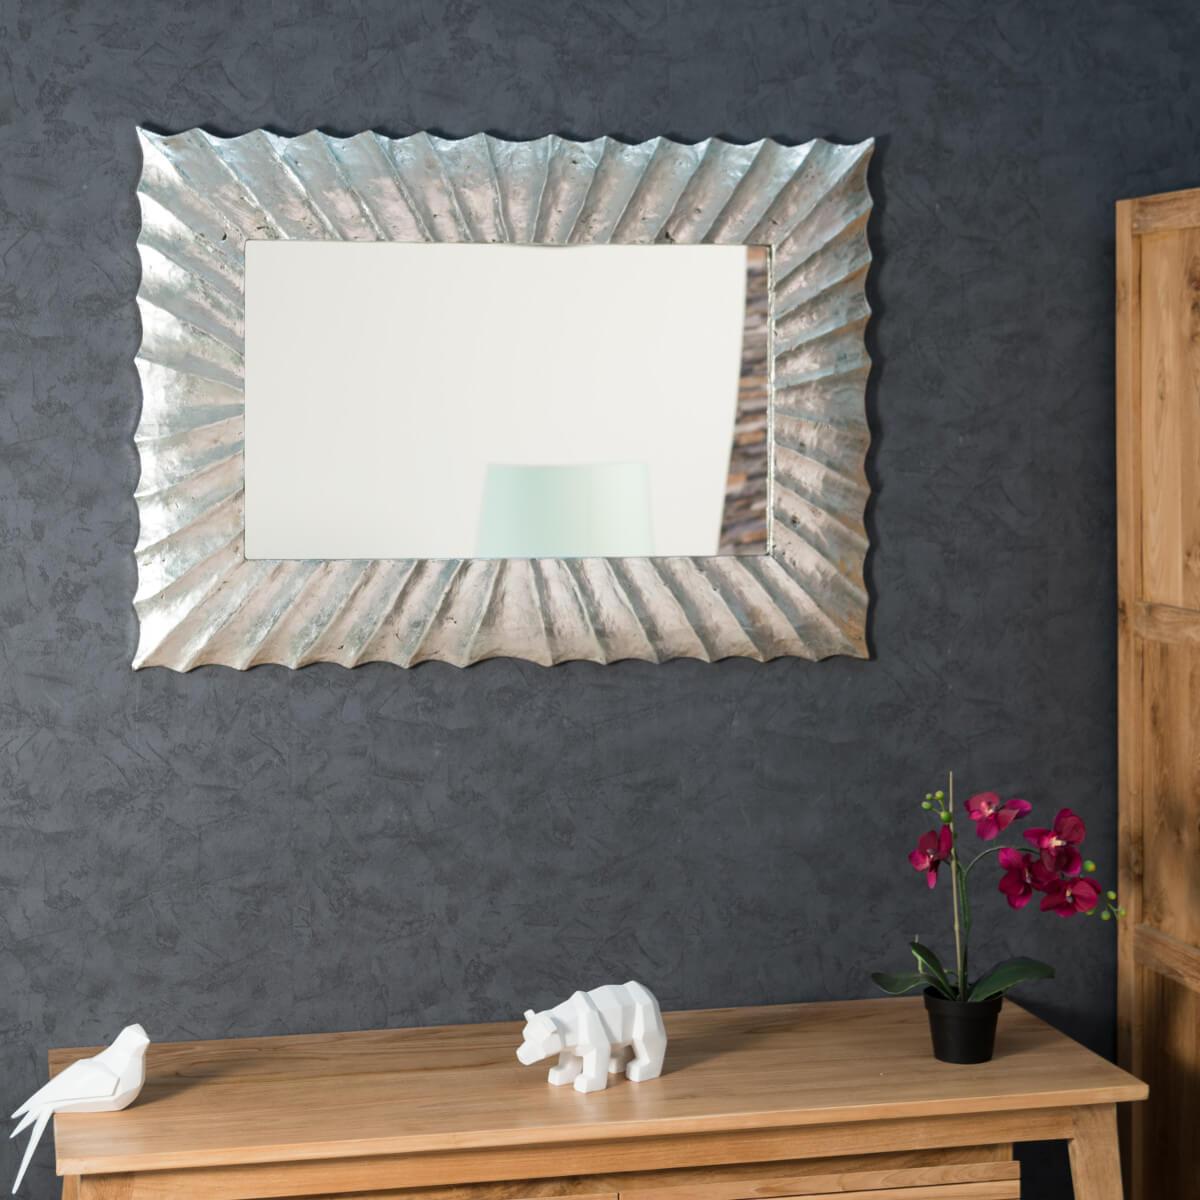 Miroir Rond Xl Argenté : Miroir de décoration en bois massif alicante